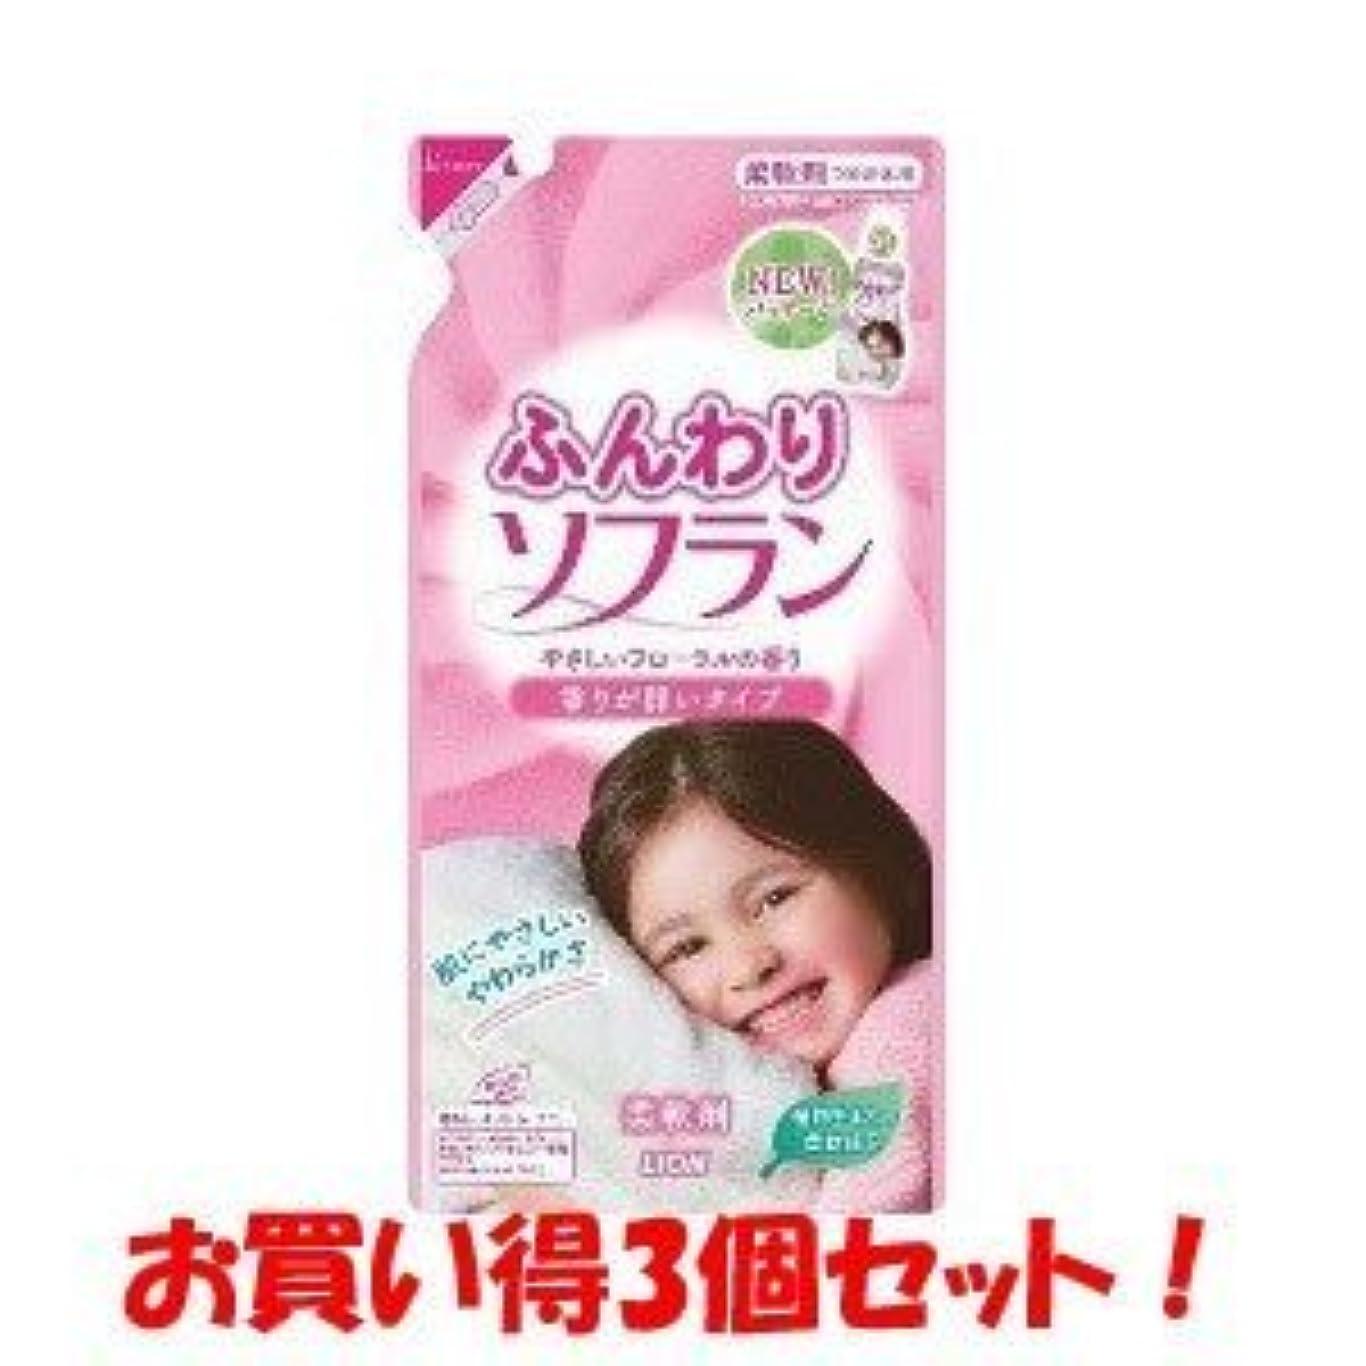 (ライオン)ふんわり ソフラン やさしいフローラルの香り 香りが弱いタイプ つめかえ用 500ml(お買い得3個セット)